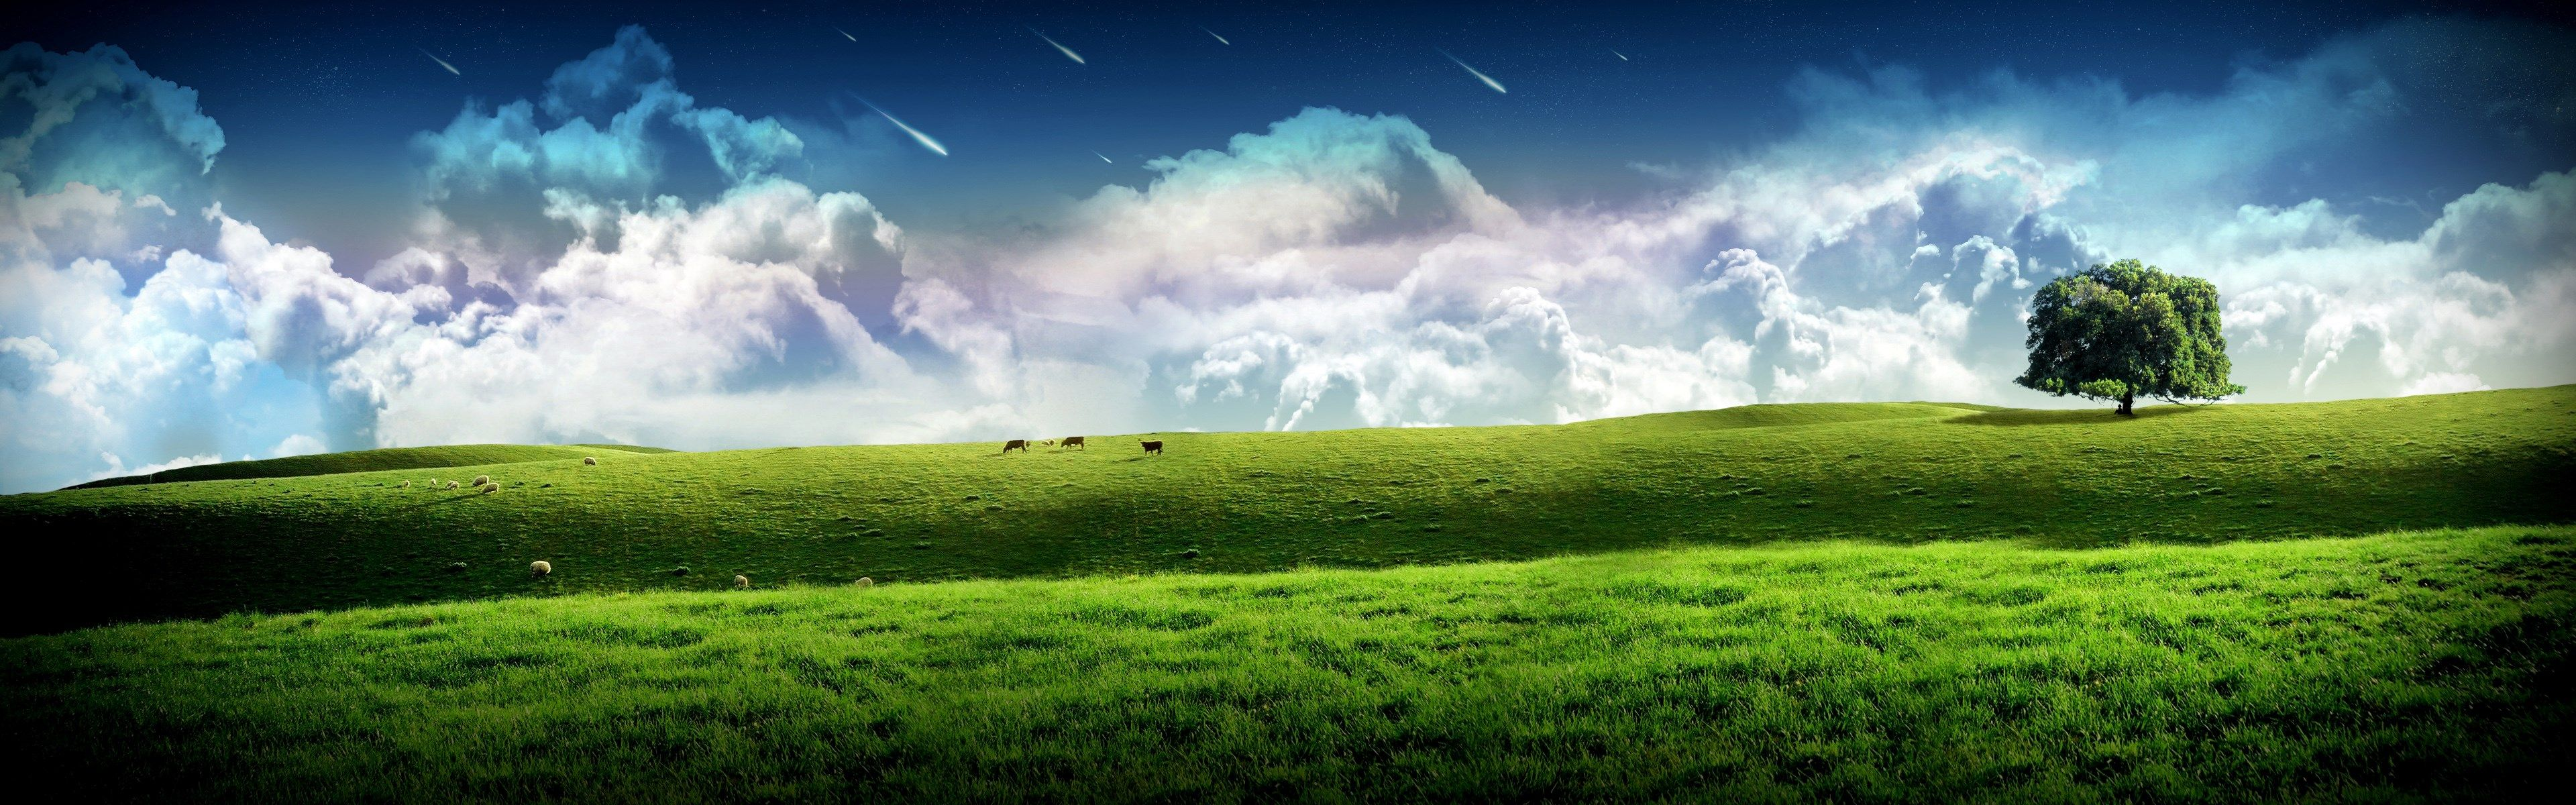 Earth 4k Wallpaper 3840x1200